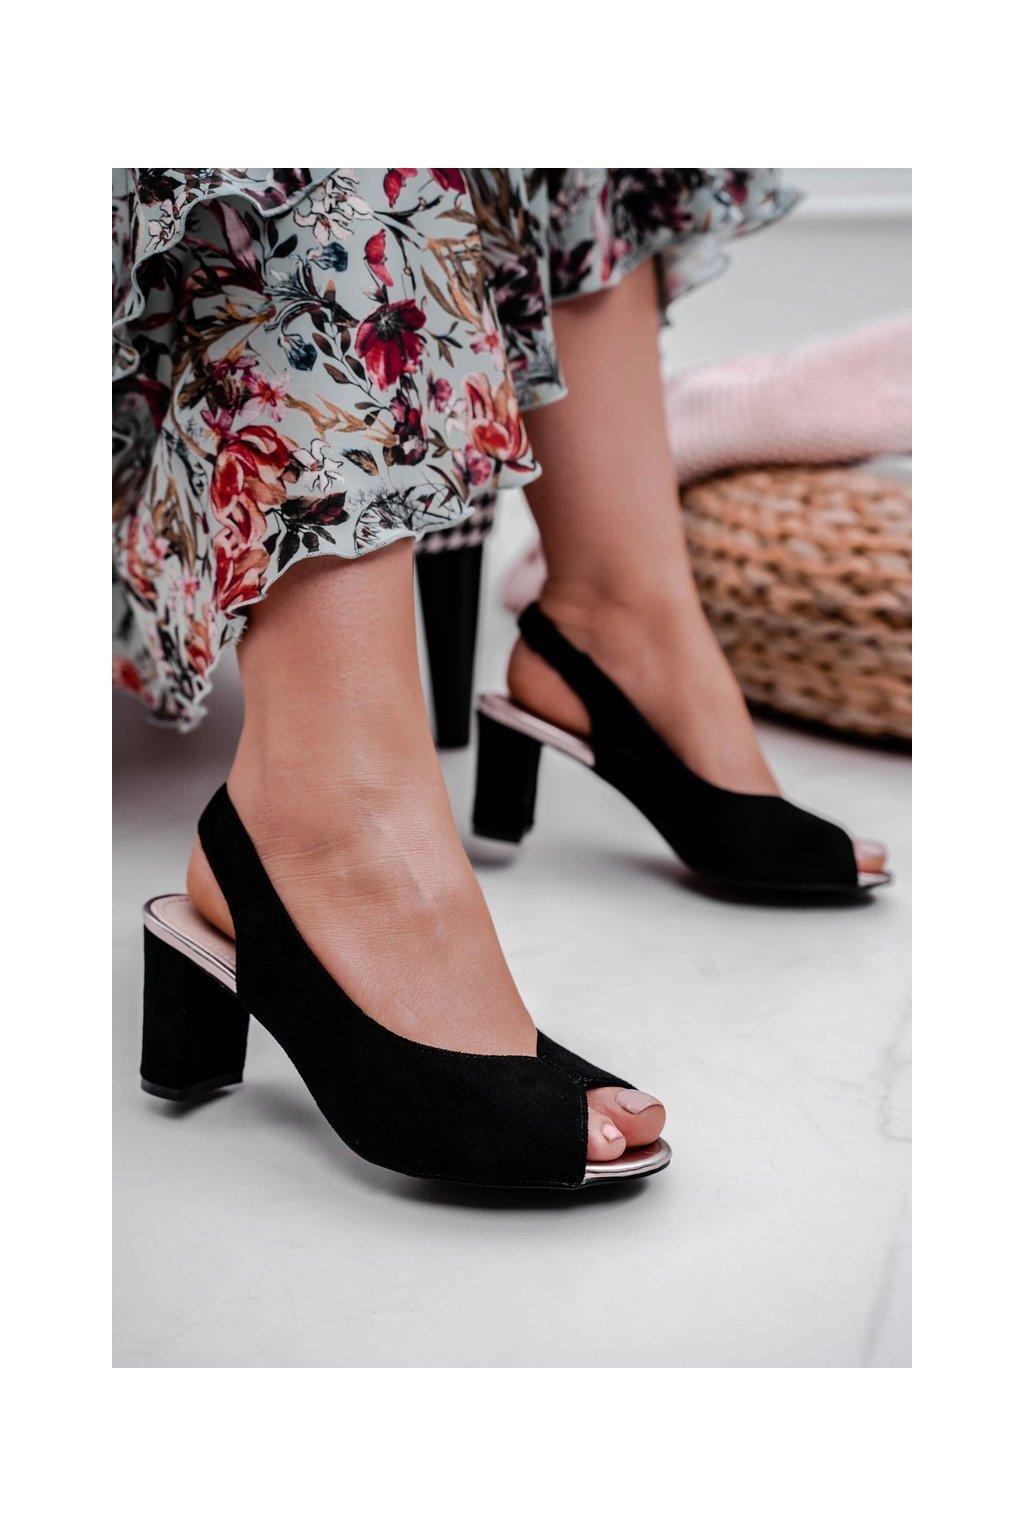 Dámske Sandále na podpätku Semišové čierne Pollem kód 20SD98-1612 BLK MIC